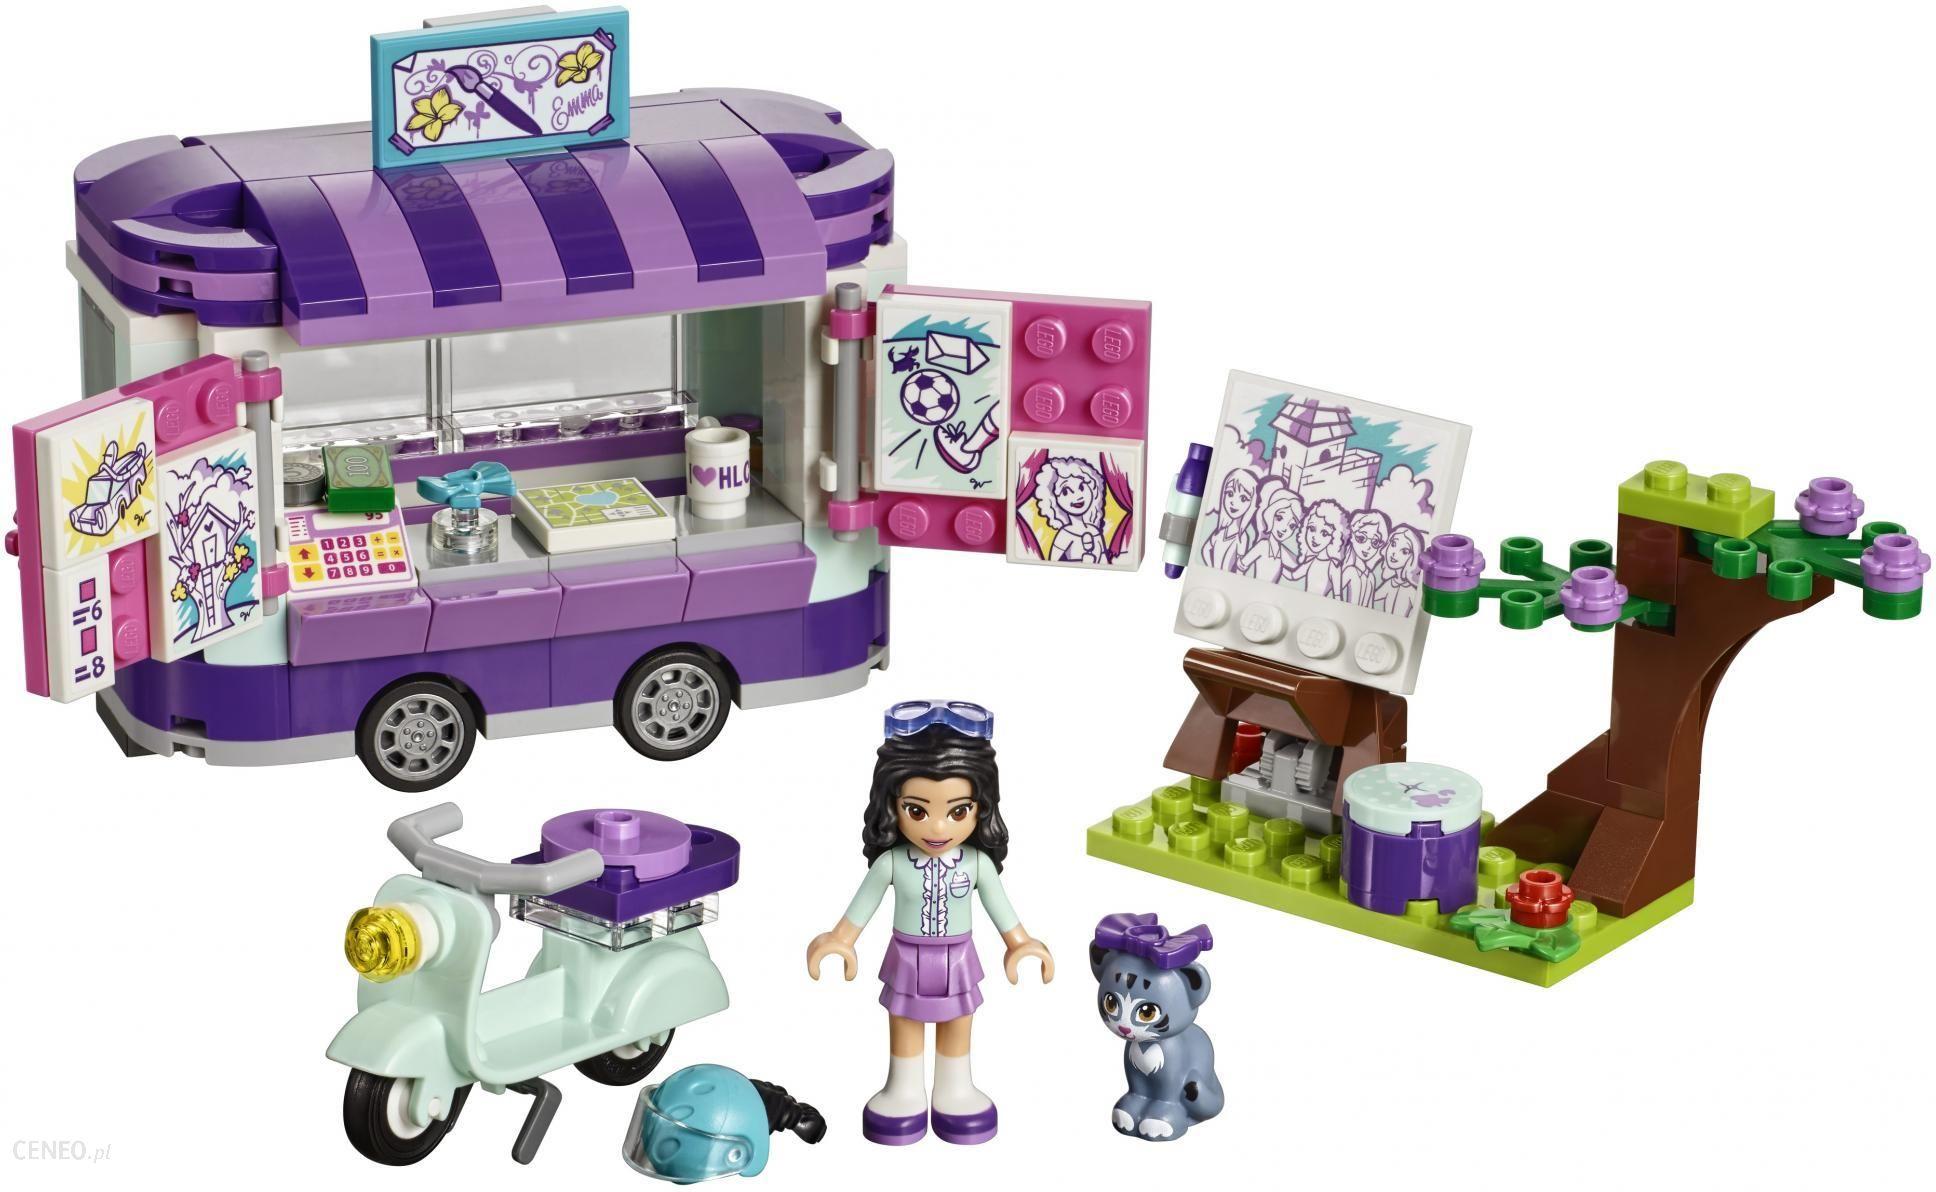 Klocki Lego Friends Stoisko Z Rysunkami Emmy 41332 Ceny I Opinie